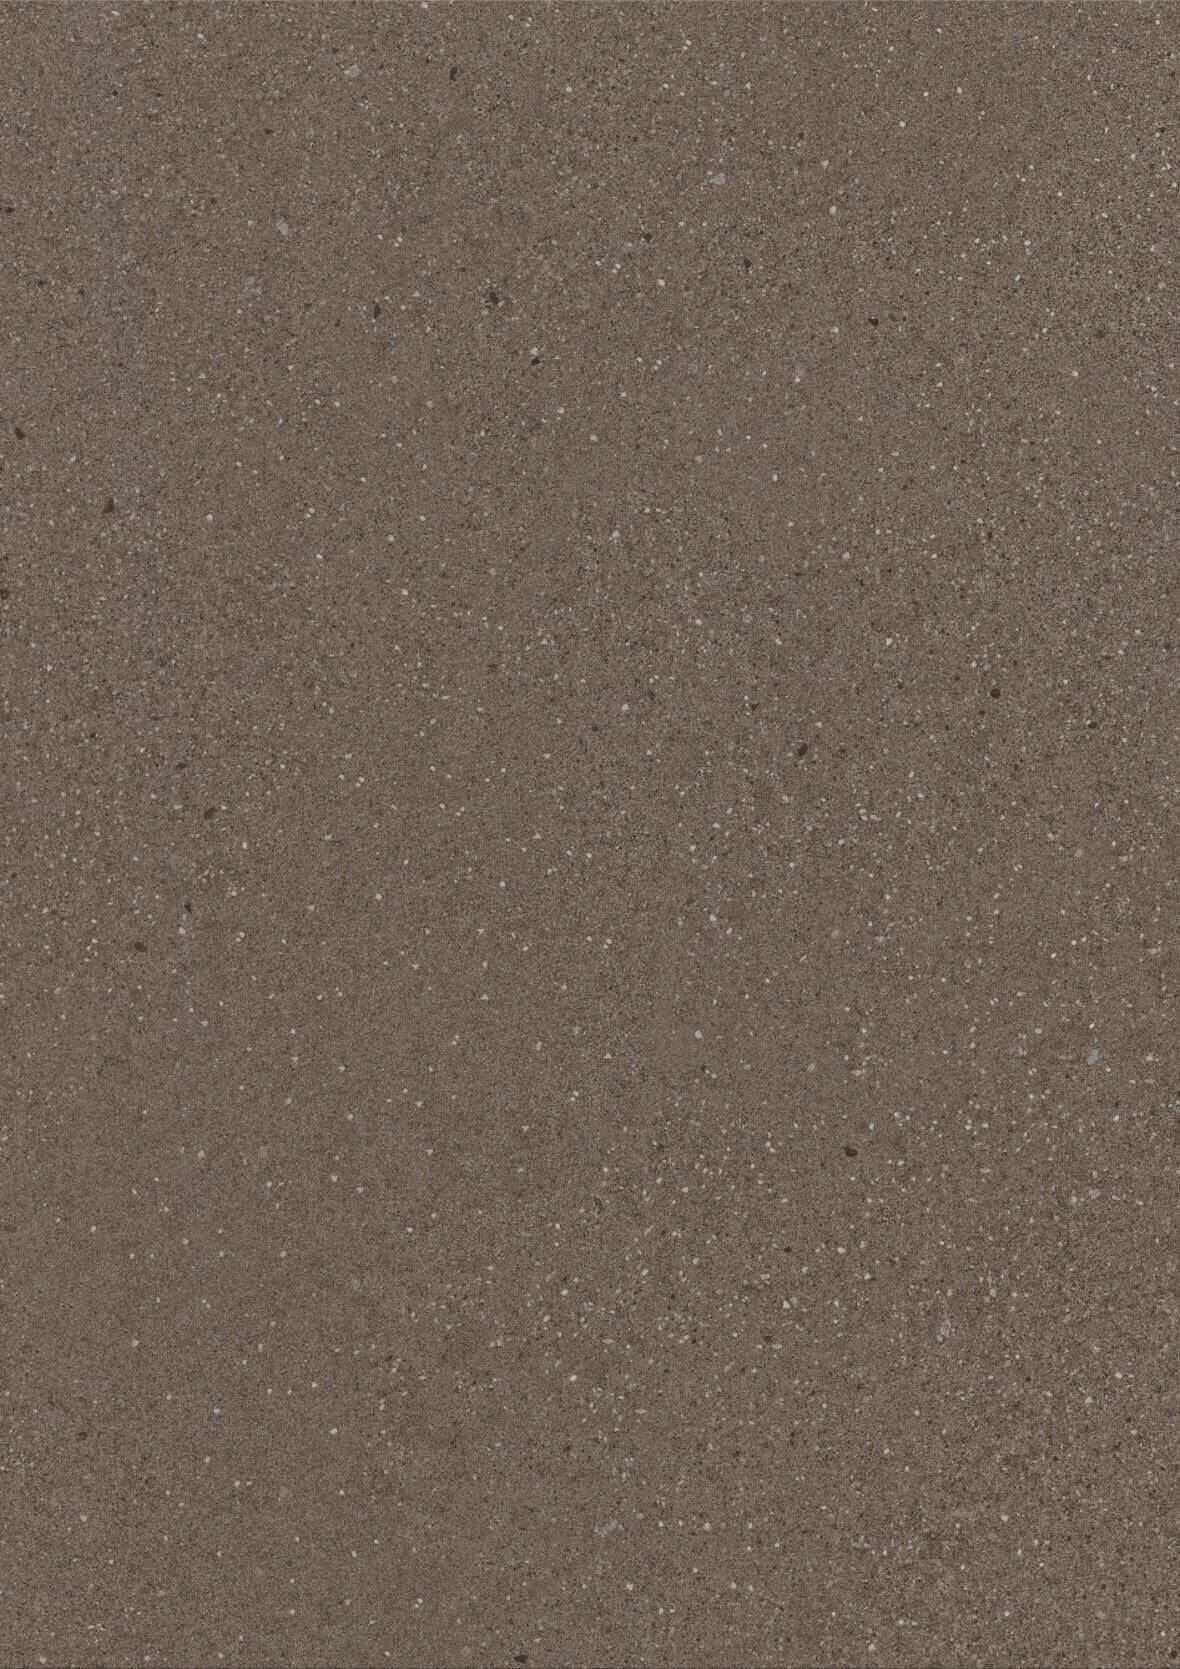 tinted Micro Terrazzo (1) (1)